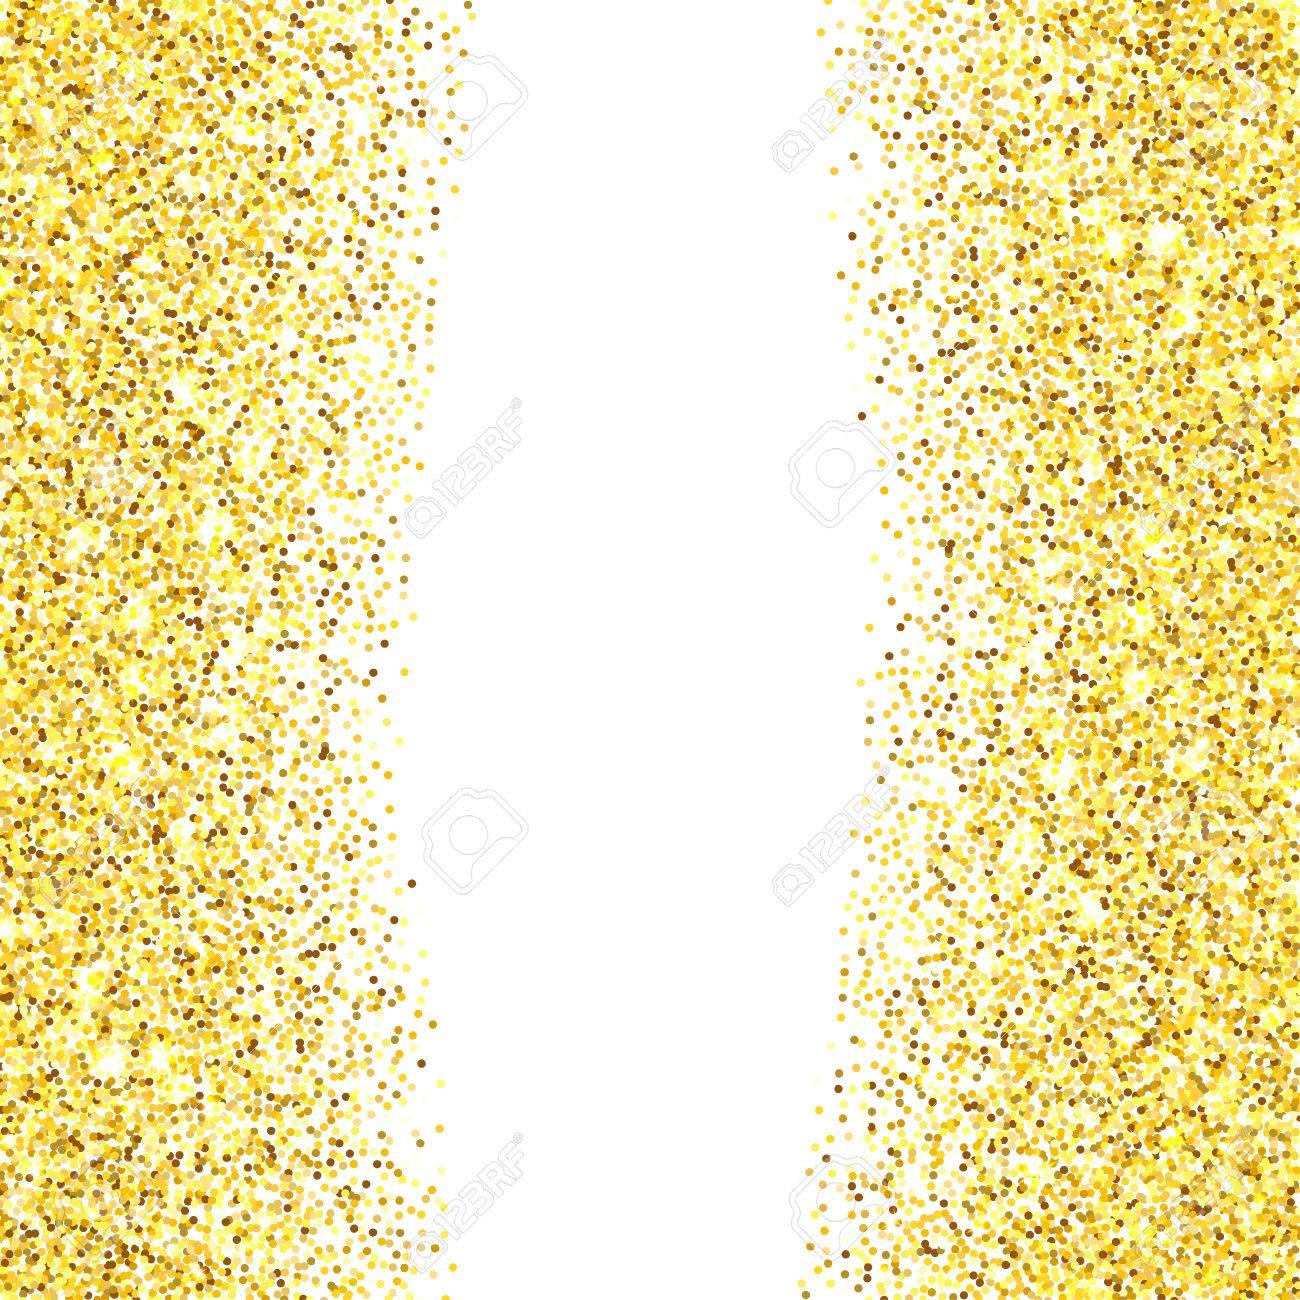 Confetti background vector golden confetti background - Gold Glitter Texture Border Over White Background Abstract Golden Sparkles Of Confetti Vector Illustration